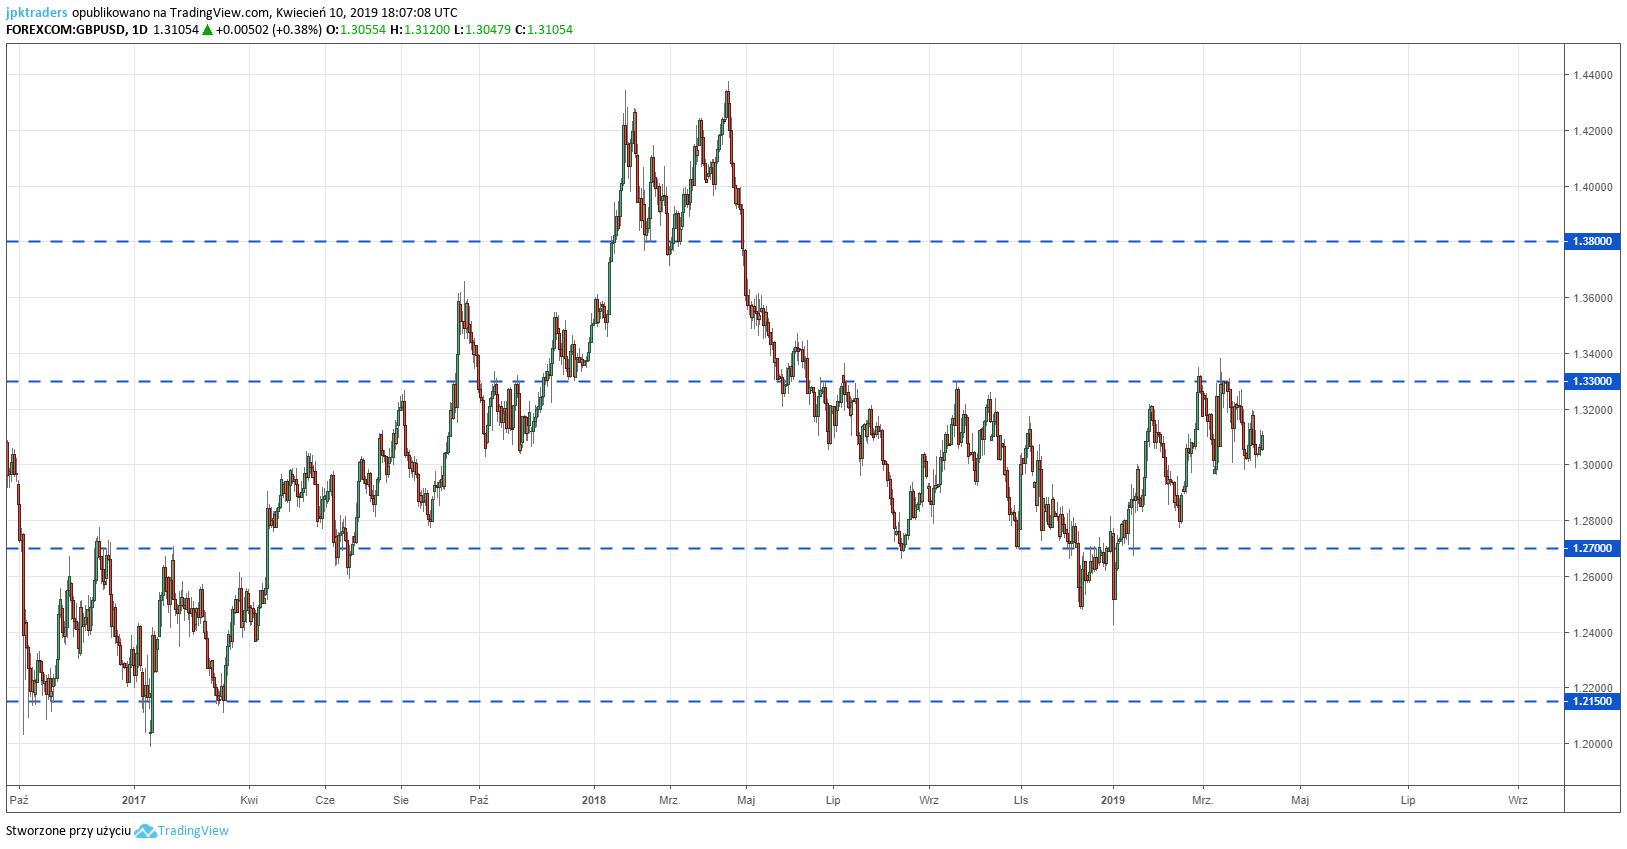 GBP/USD: Wyjście z konsolidacji. Kabel od dłuższego czasu porusza się w konsolidacji pomiędzy 1.27 $ a 1.33 $. W lutym i marcu cena odbijała się od górnego